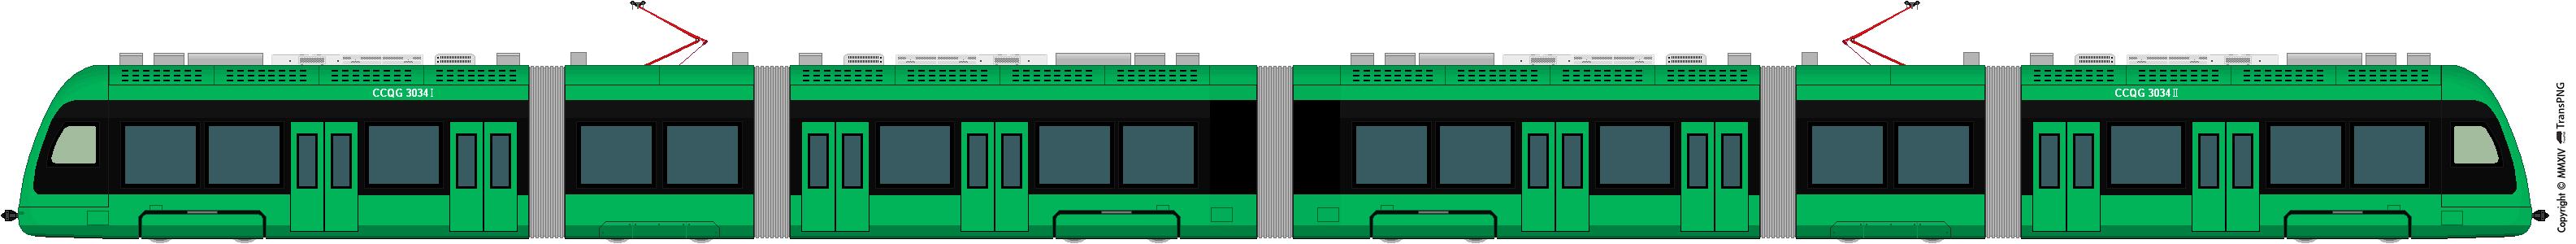 [5413] 長春市軌道交通 5413